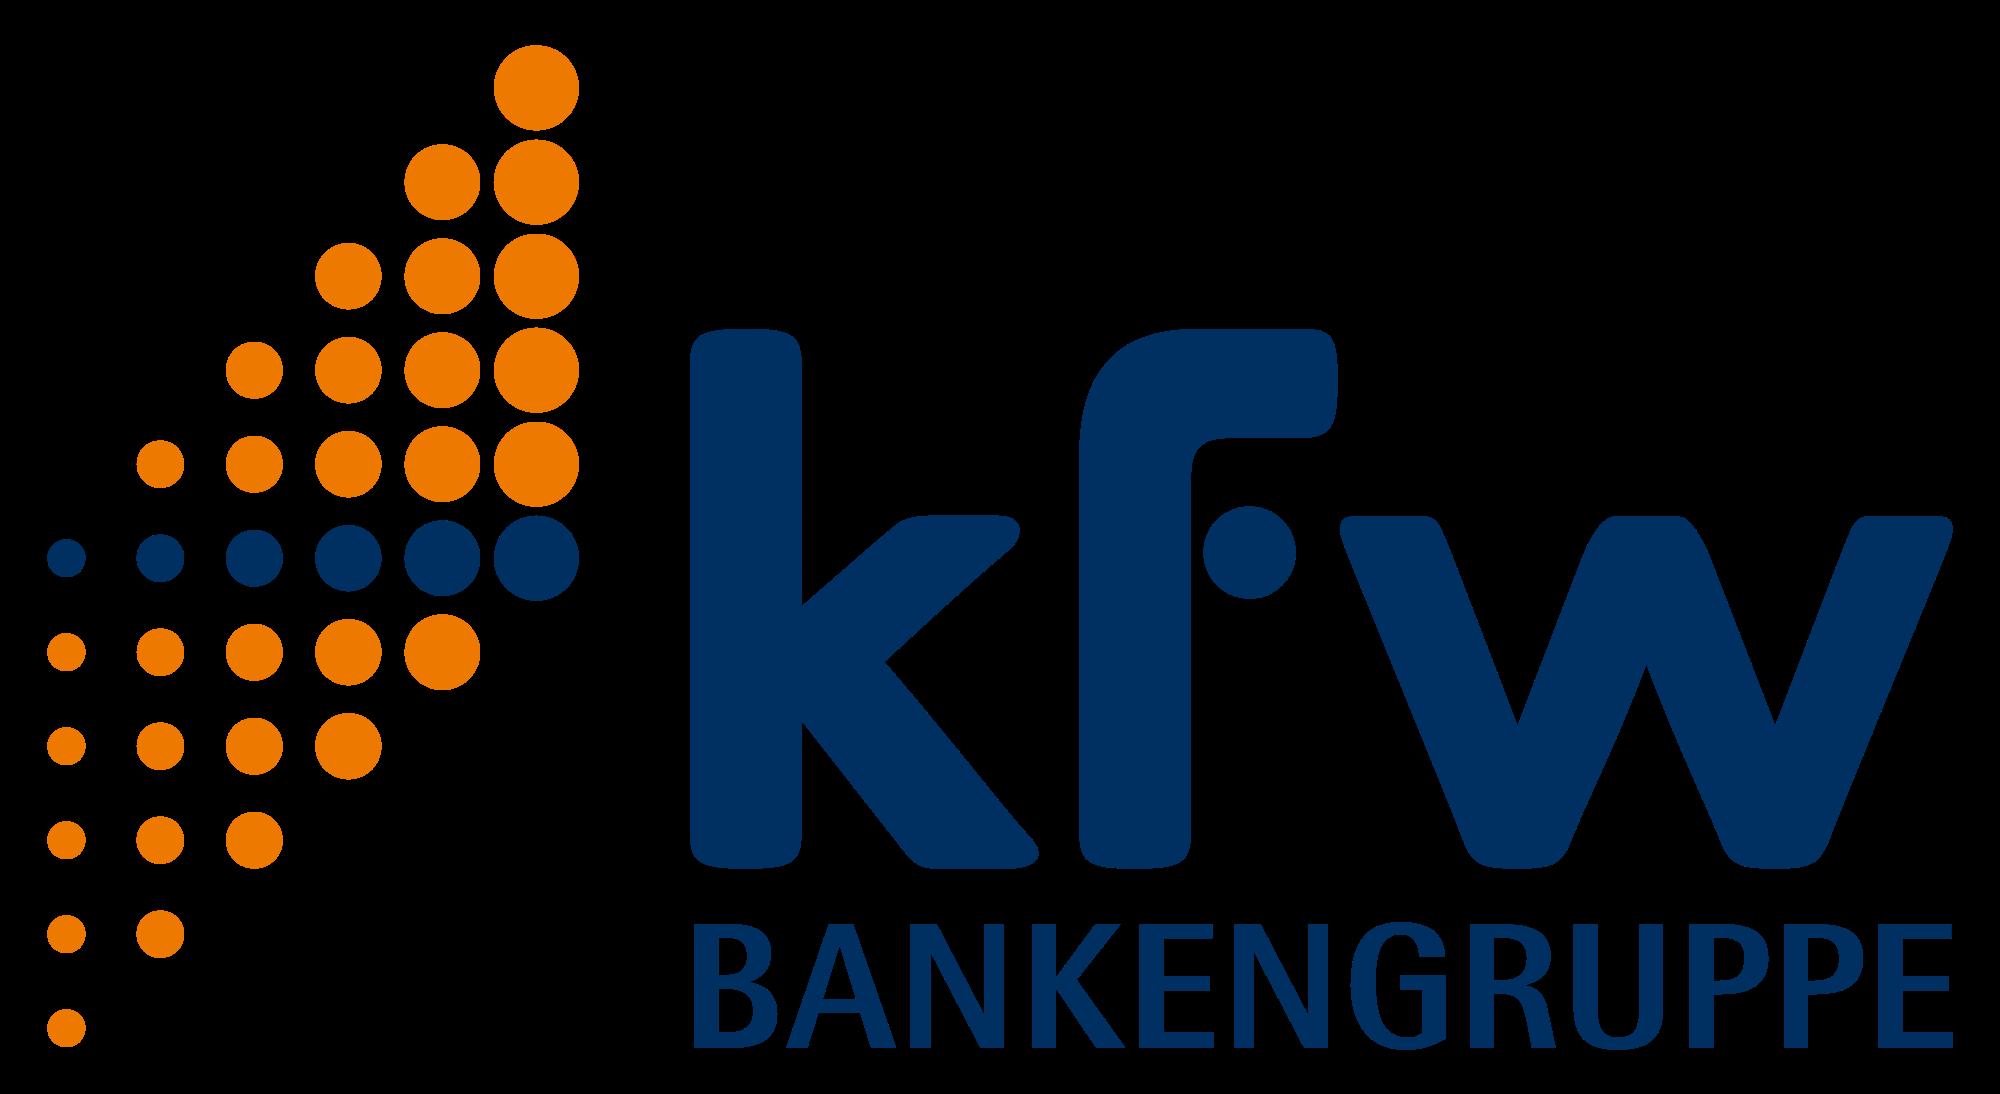 KfW-Baufinanzierung